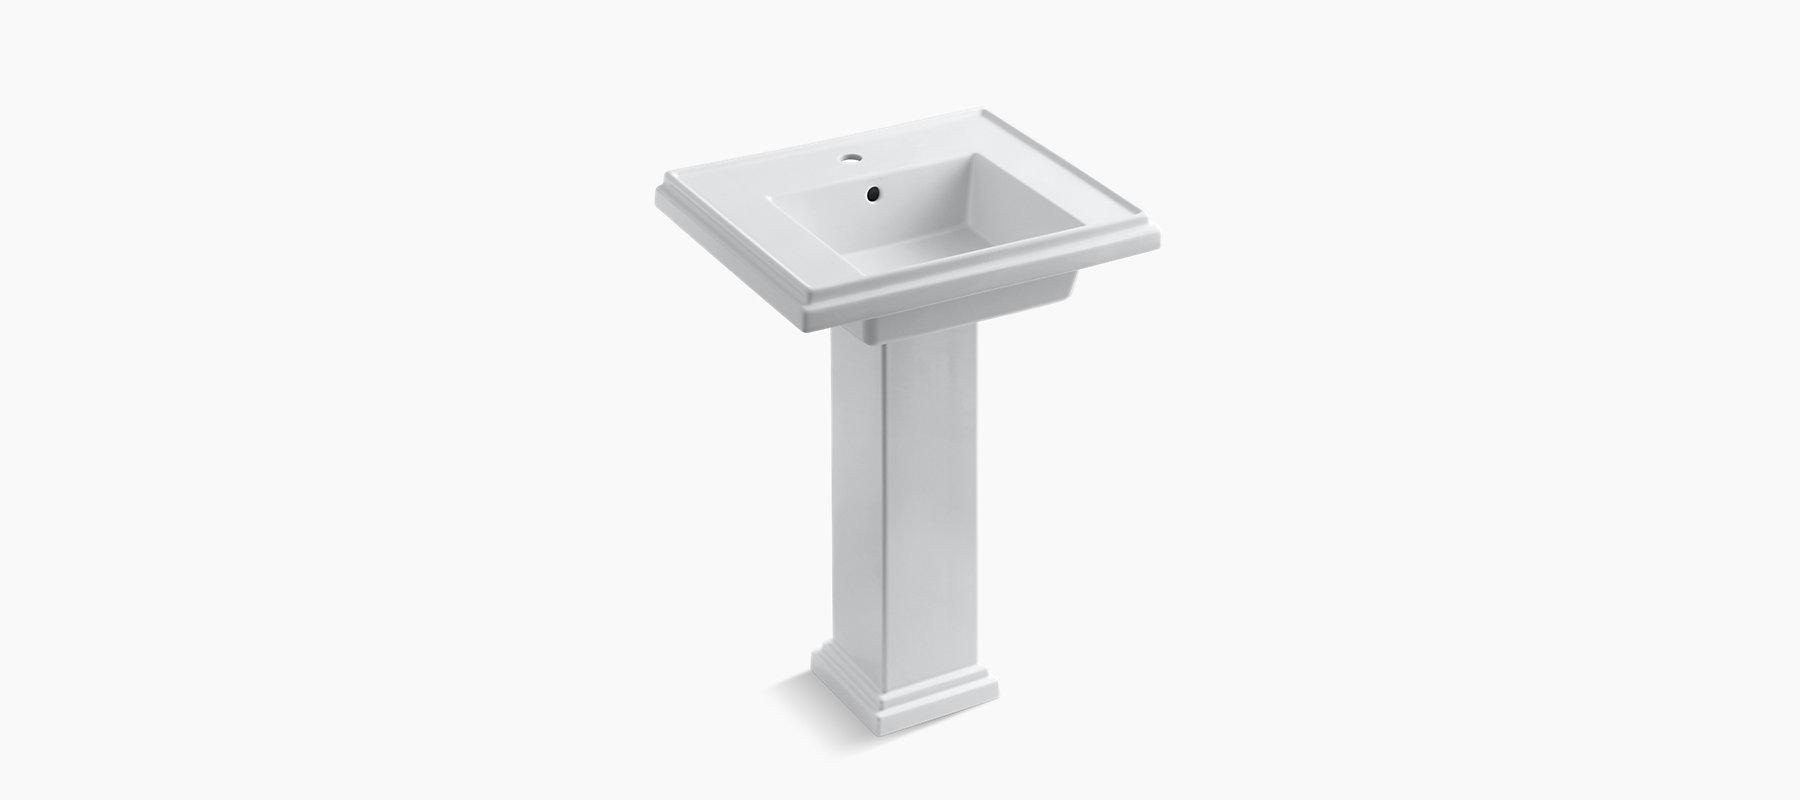 K-2844-1 | Tresham 24-Inch Pedestal Sink with Single ...